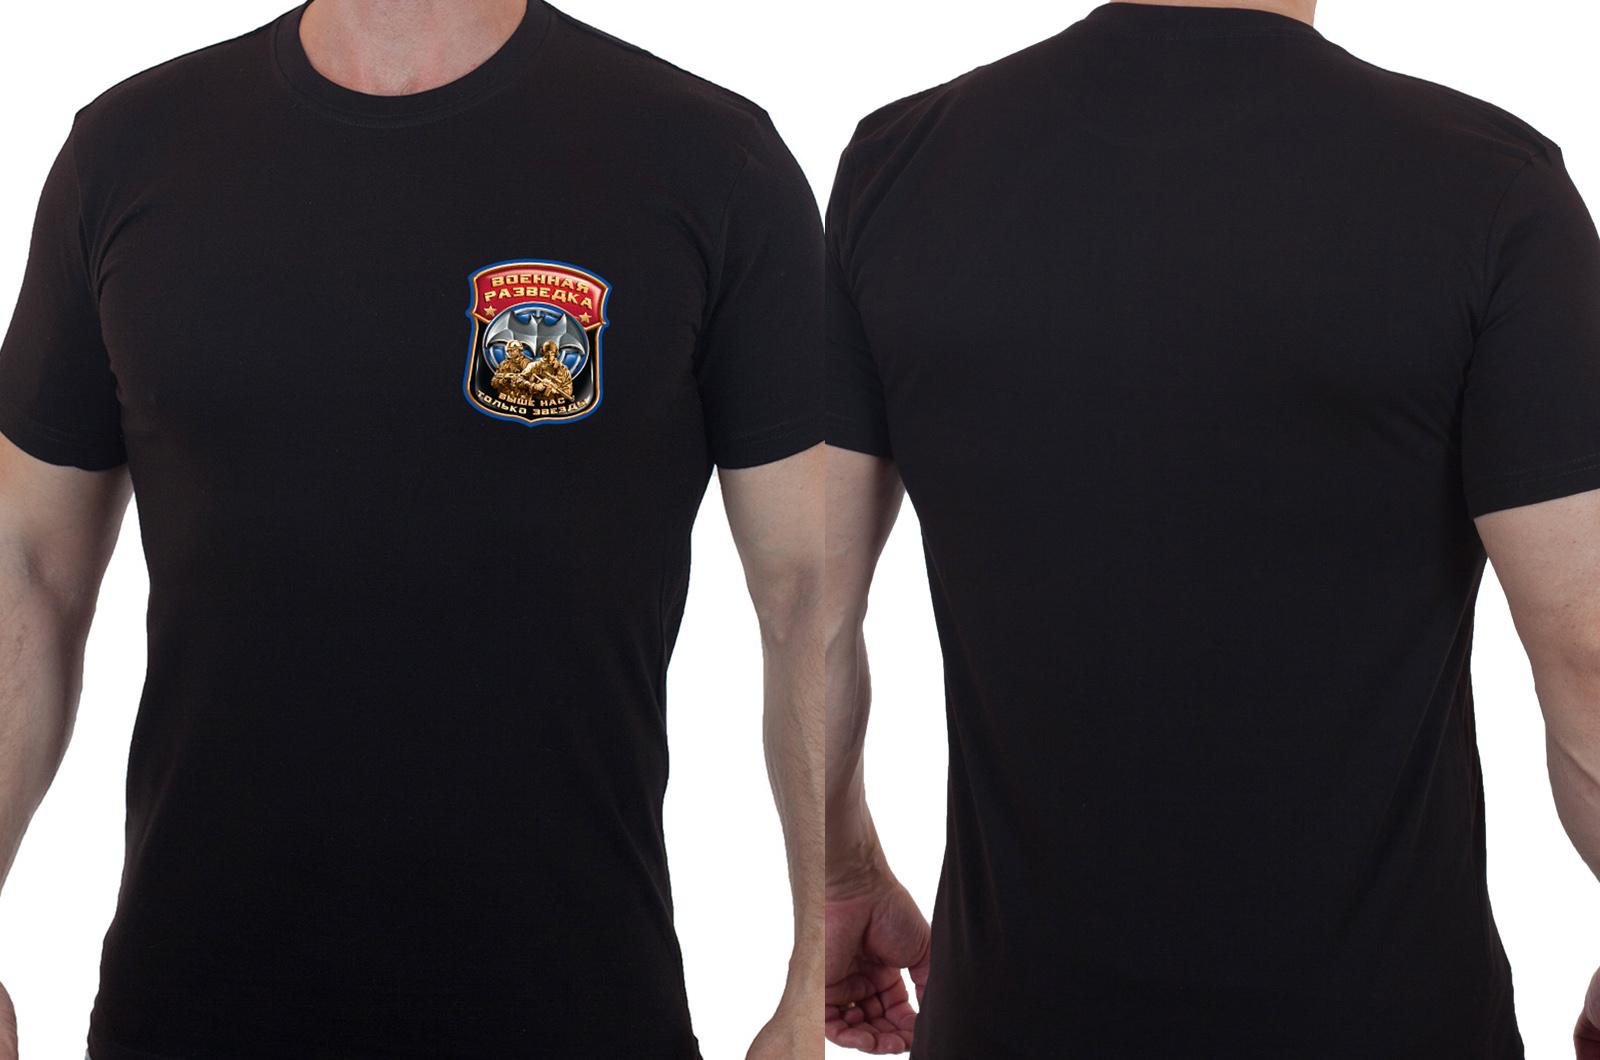 Уникальная военная футболка «Выше нас только звезды».